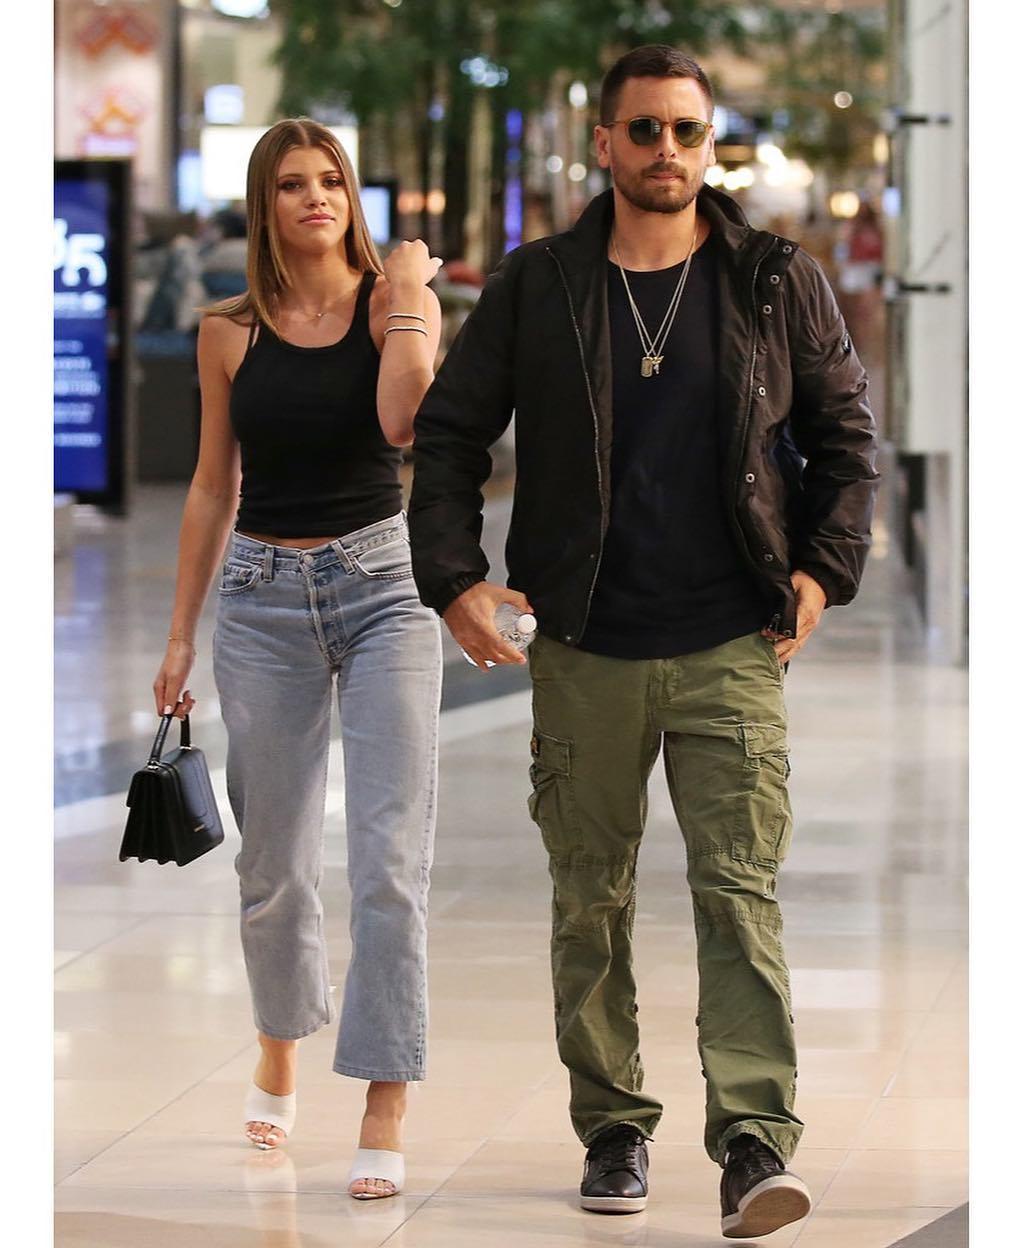 SPOTTED: Scott Disick & Sofia Ritchie in Melbourne, Australia